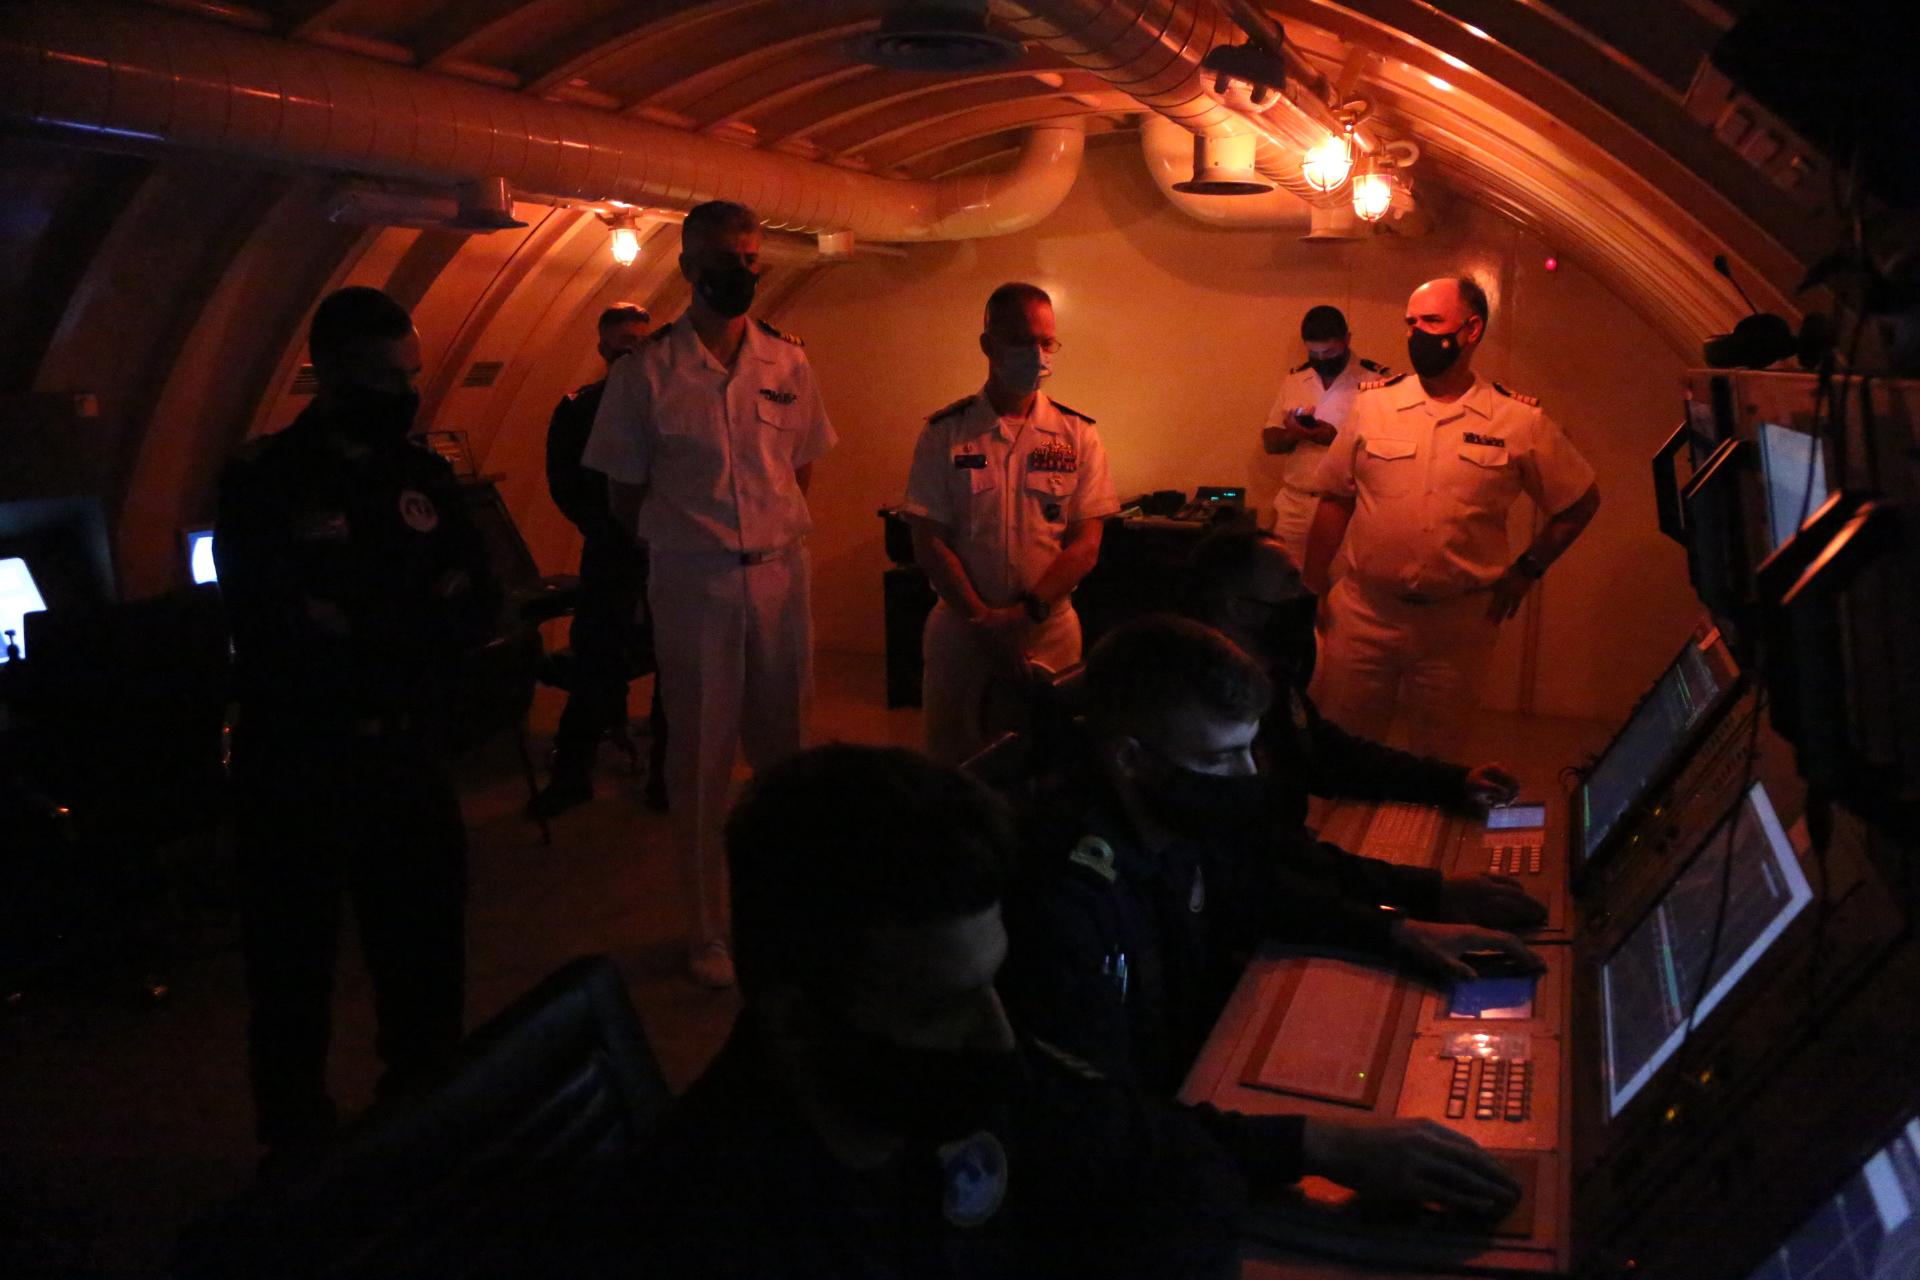 Πολεμικό Ναυτικό: Ο Διοικητής Υποβρυχίων NATO «έκανε άσκηση» με το υποβρύχιο «Κατσώνης»